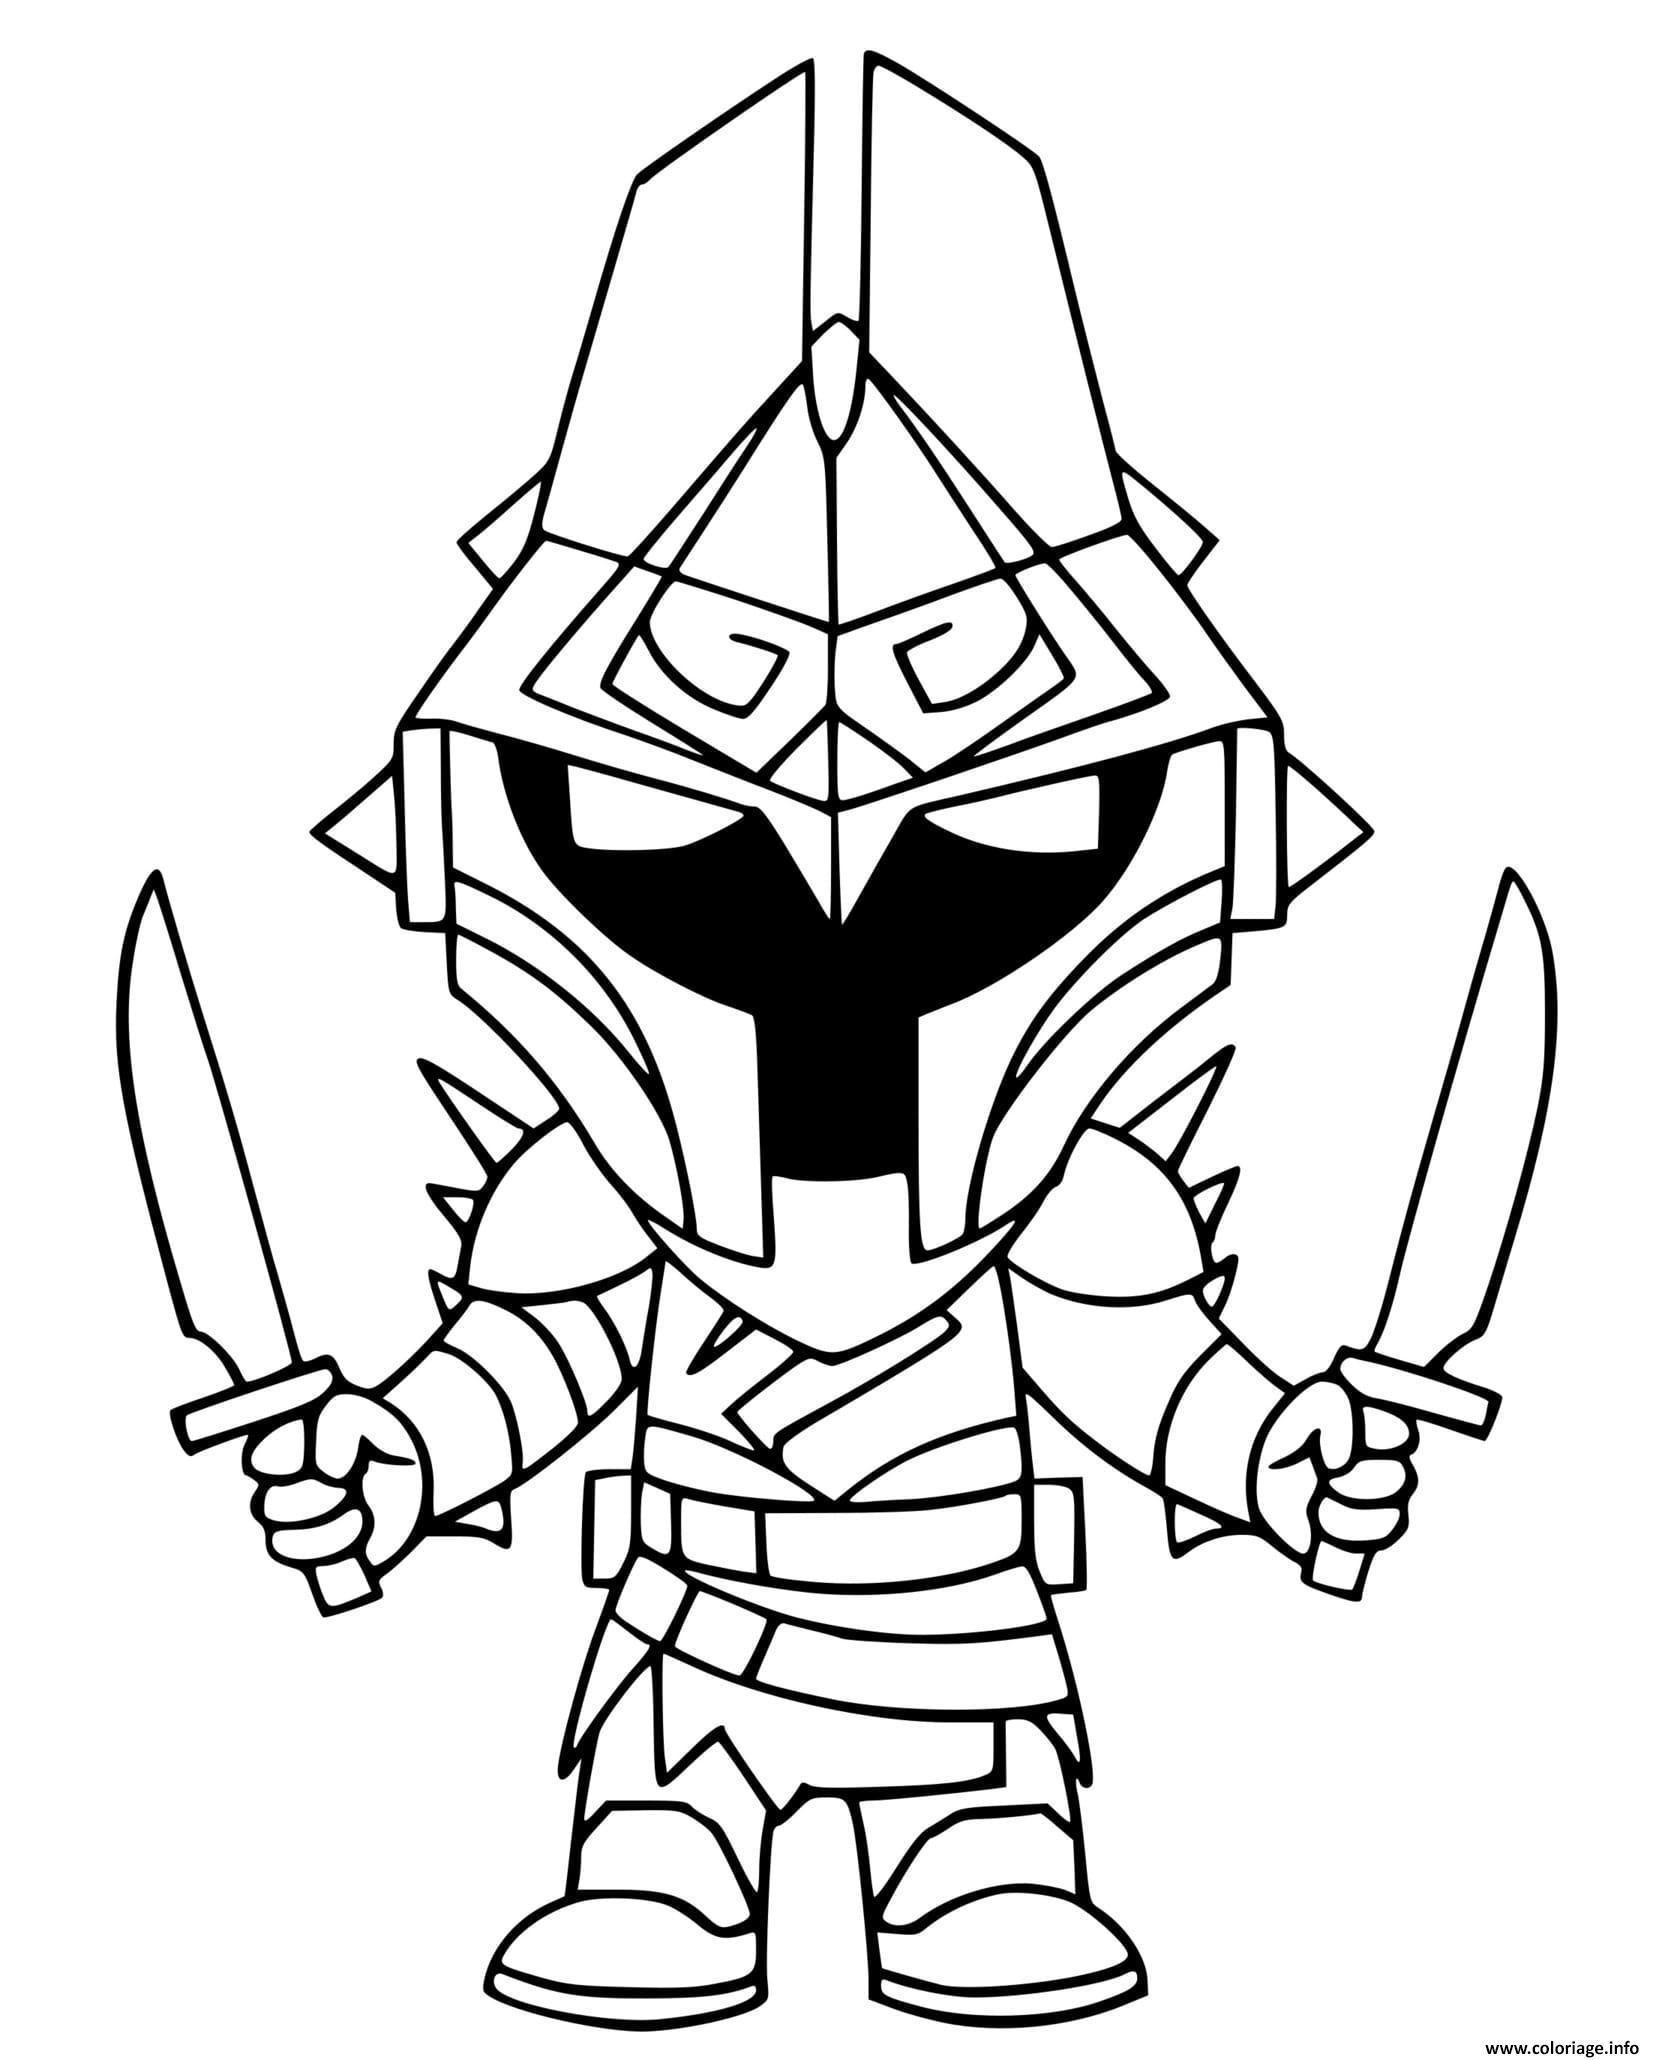 Dessin Eternal Knight Coloriage Gratuit à Imprimer